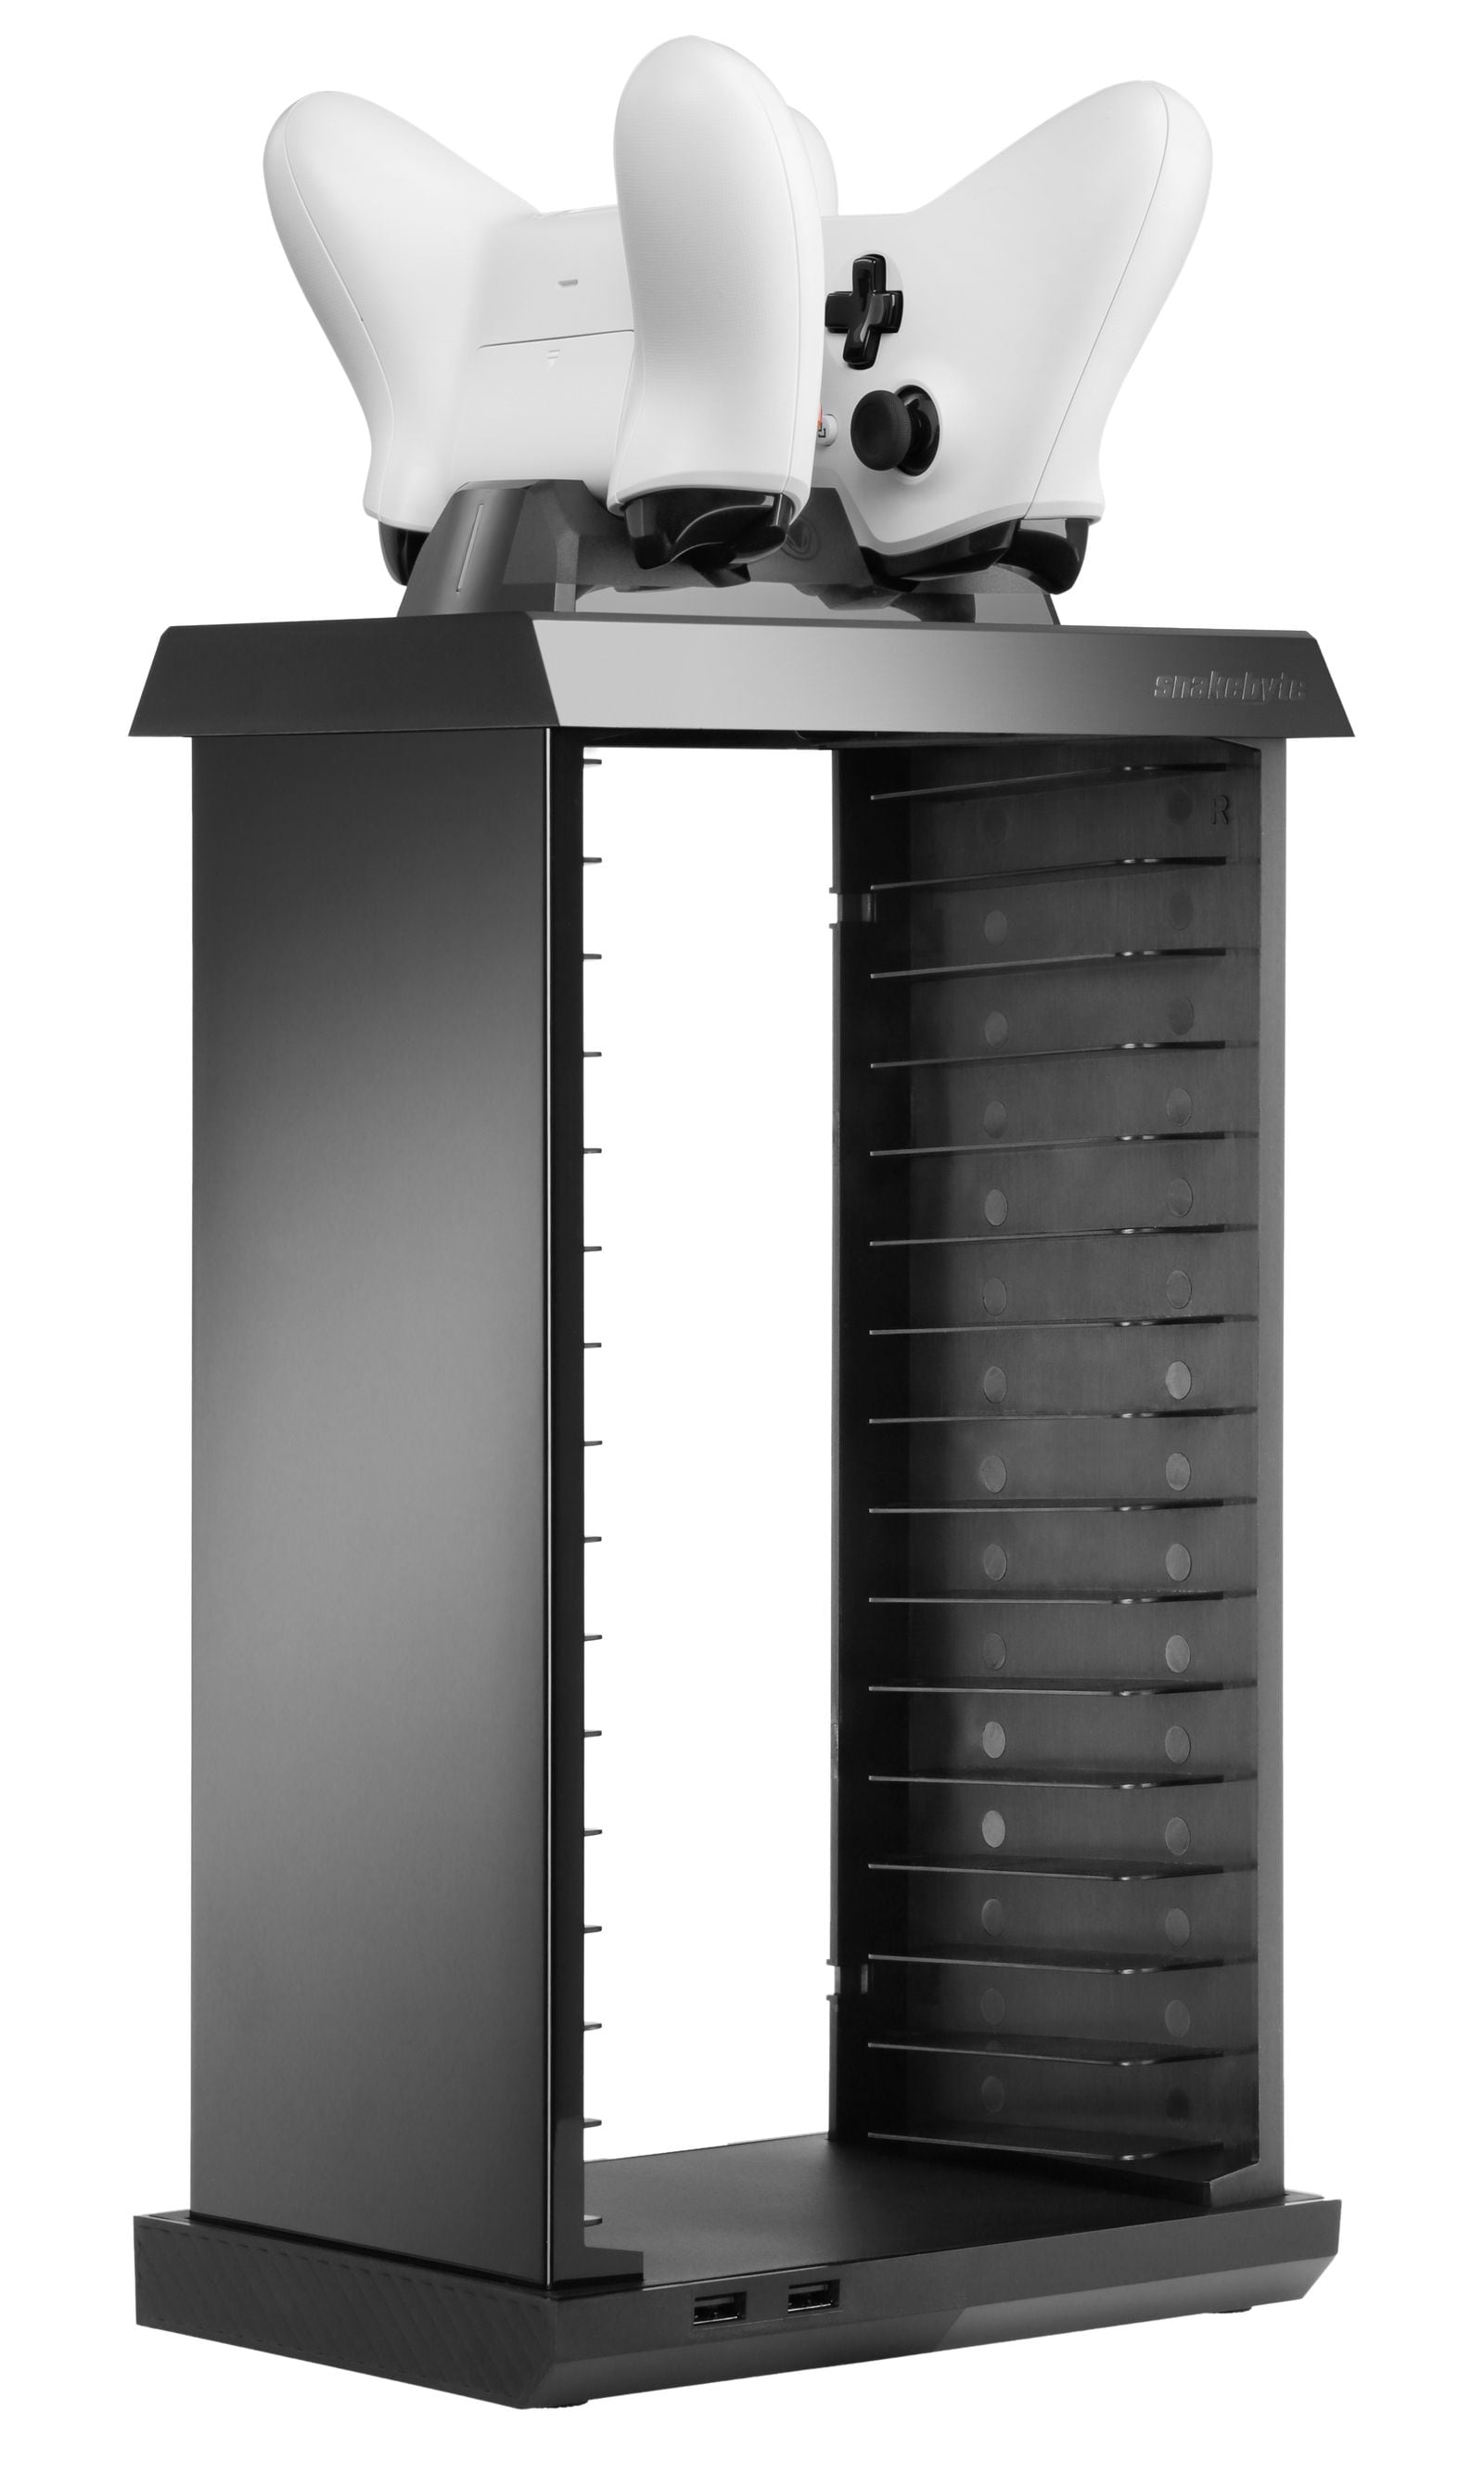 snakebyte ładowarka kontrolera Xbox One z akumulatorami CHARGE:TOWER PRO - 2